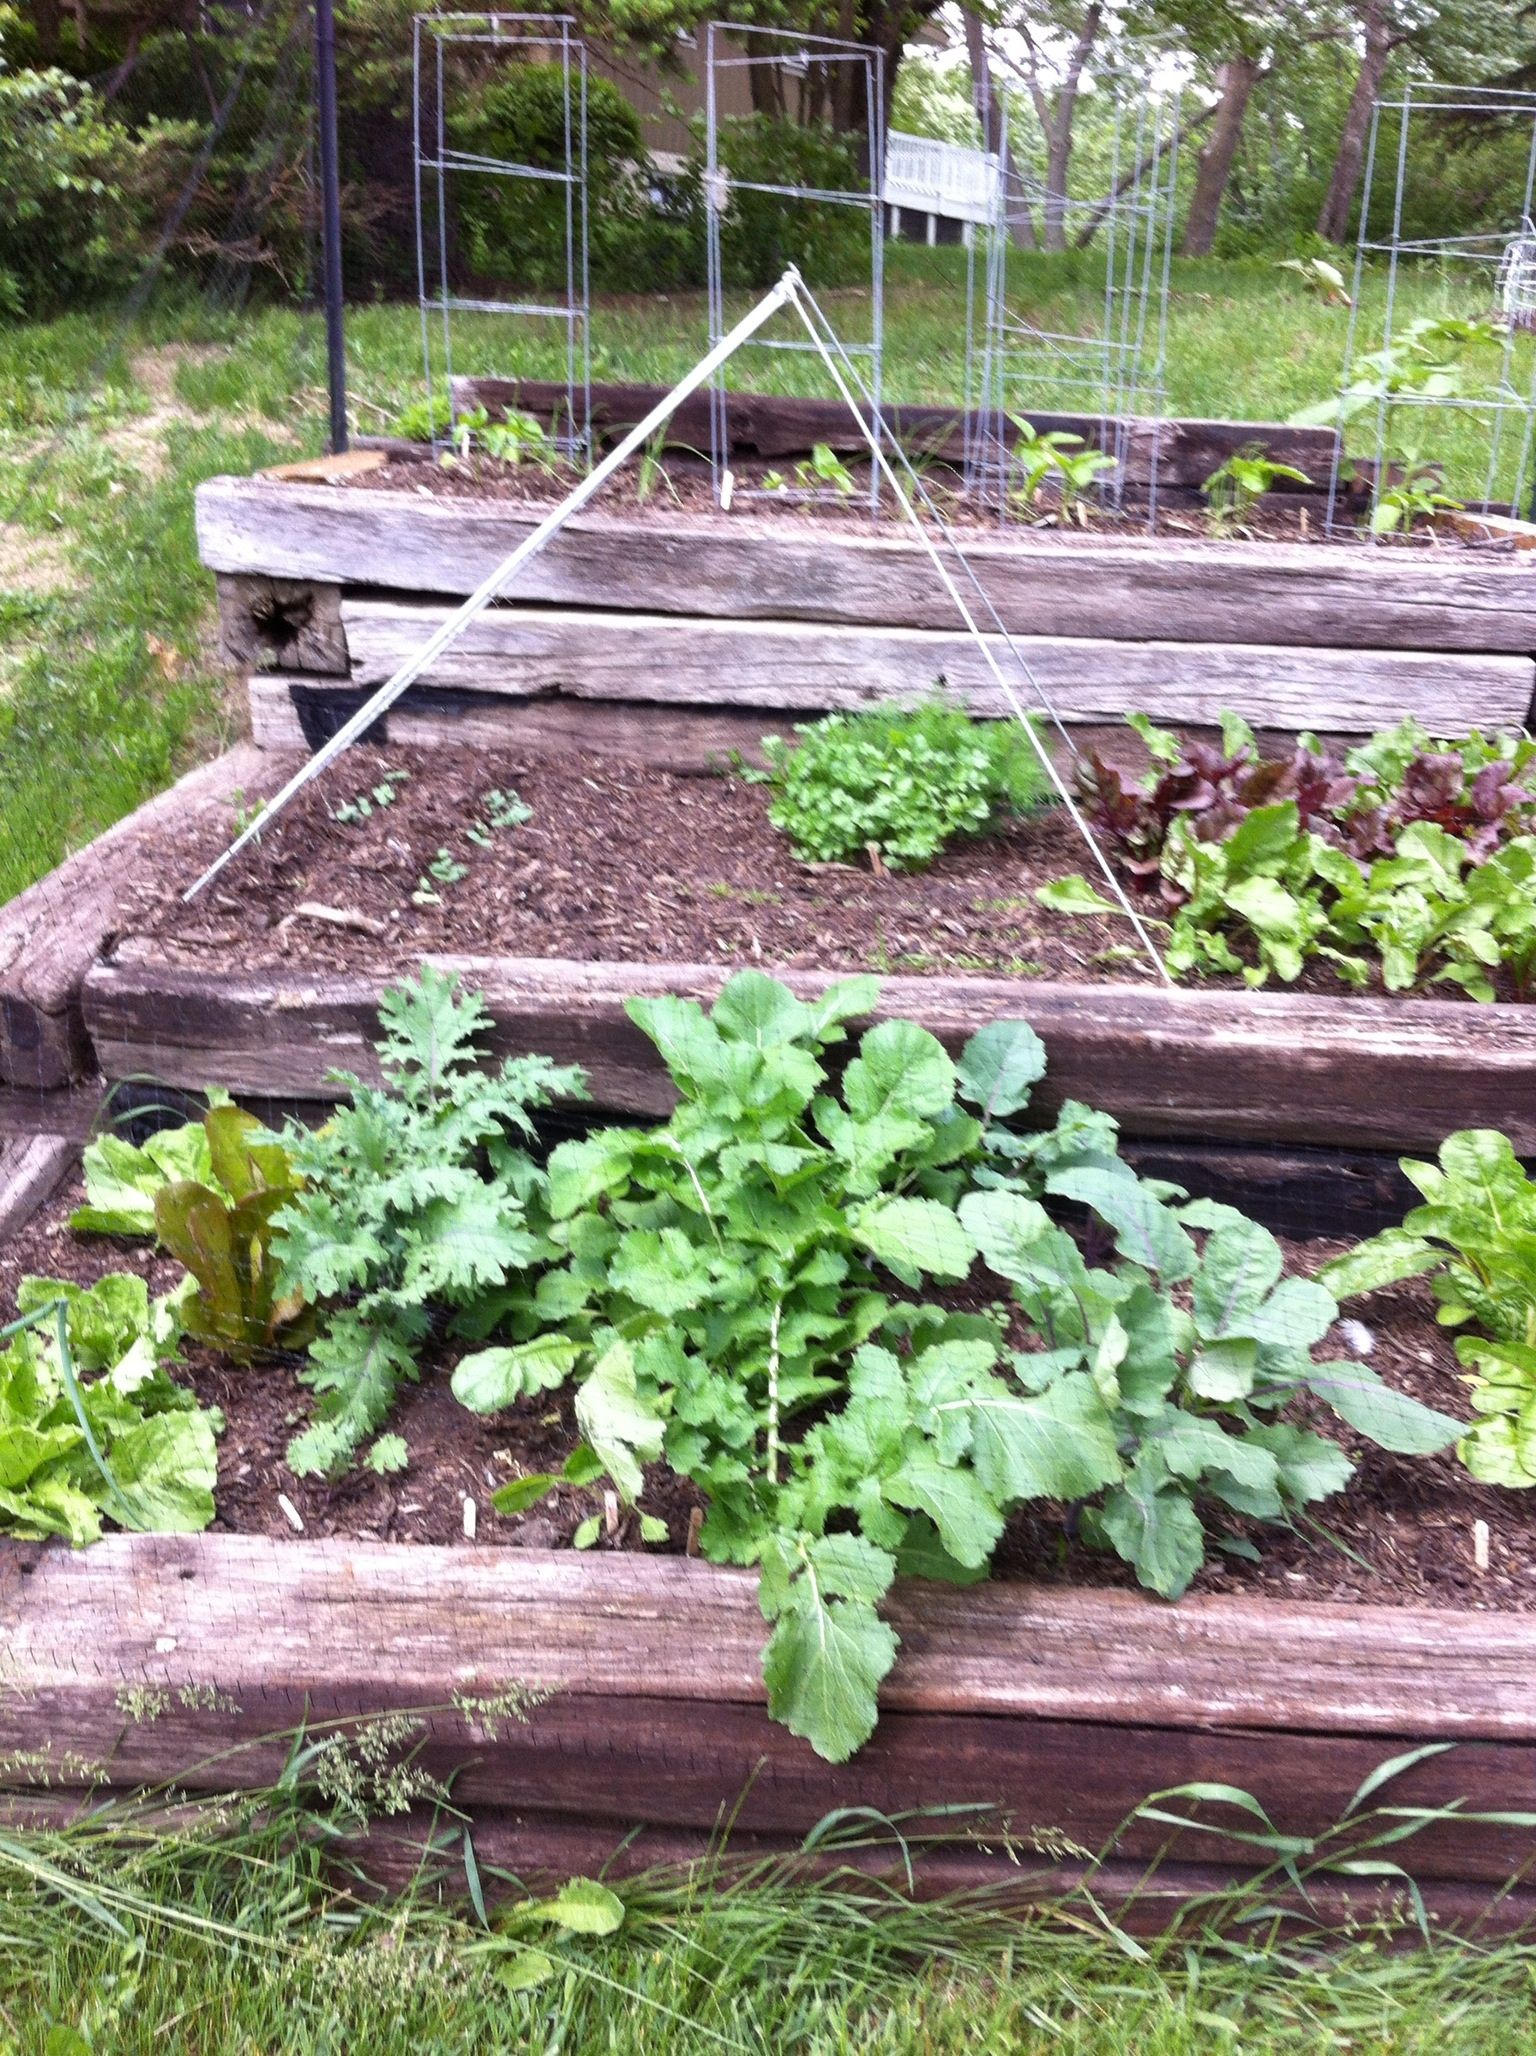 My Back To Eden Garden Working Very Well Garden Plants Eden